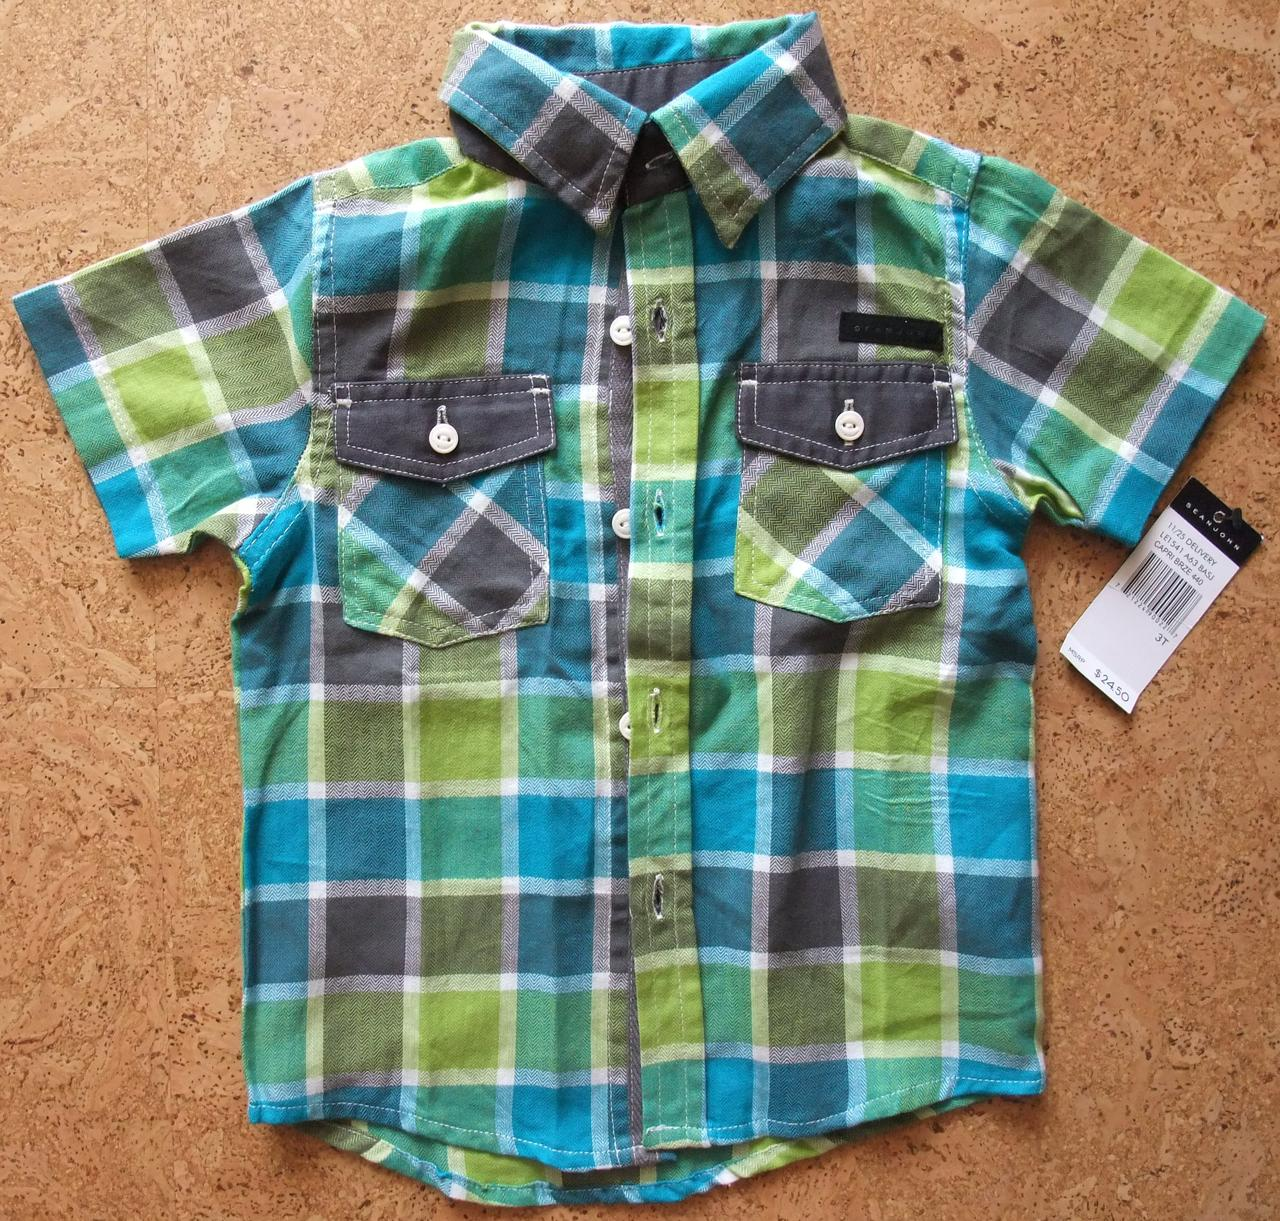 Рубашка детская для мальчика Seanjohn, размер 3Т